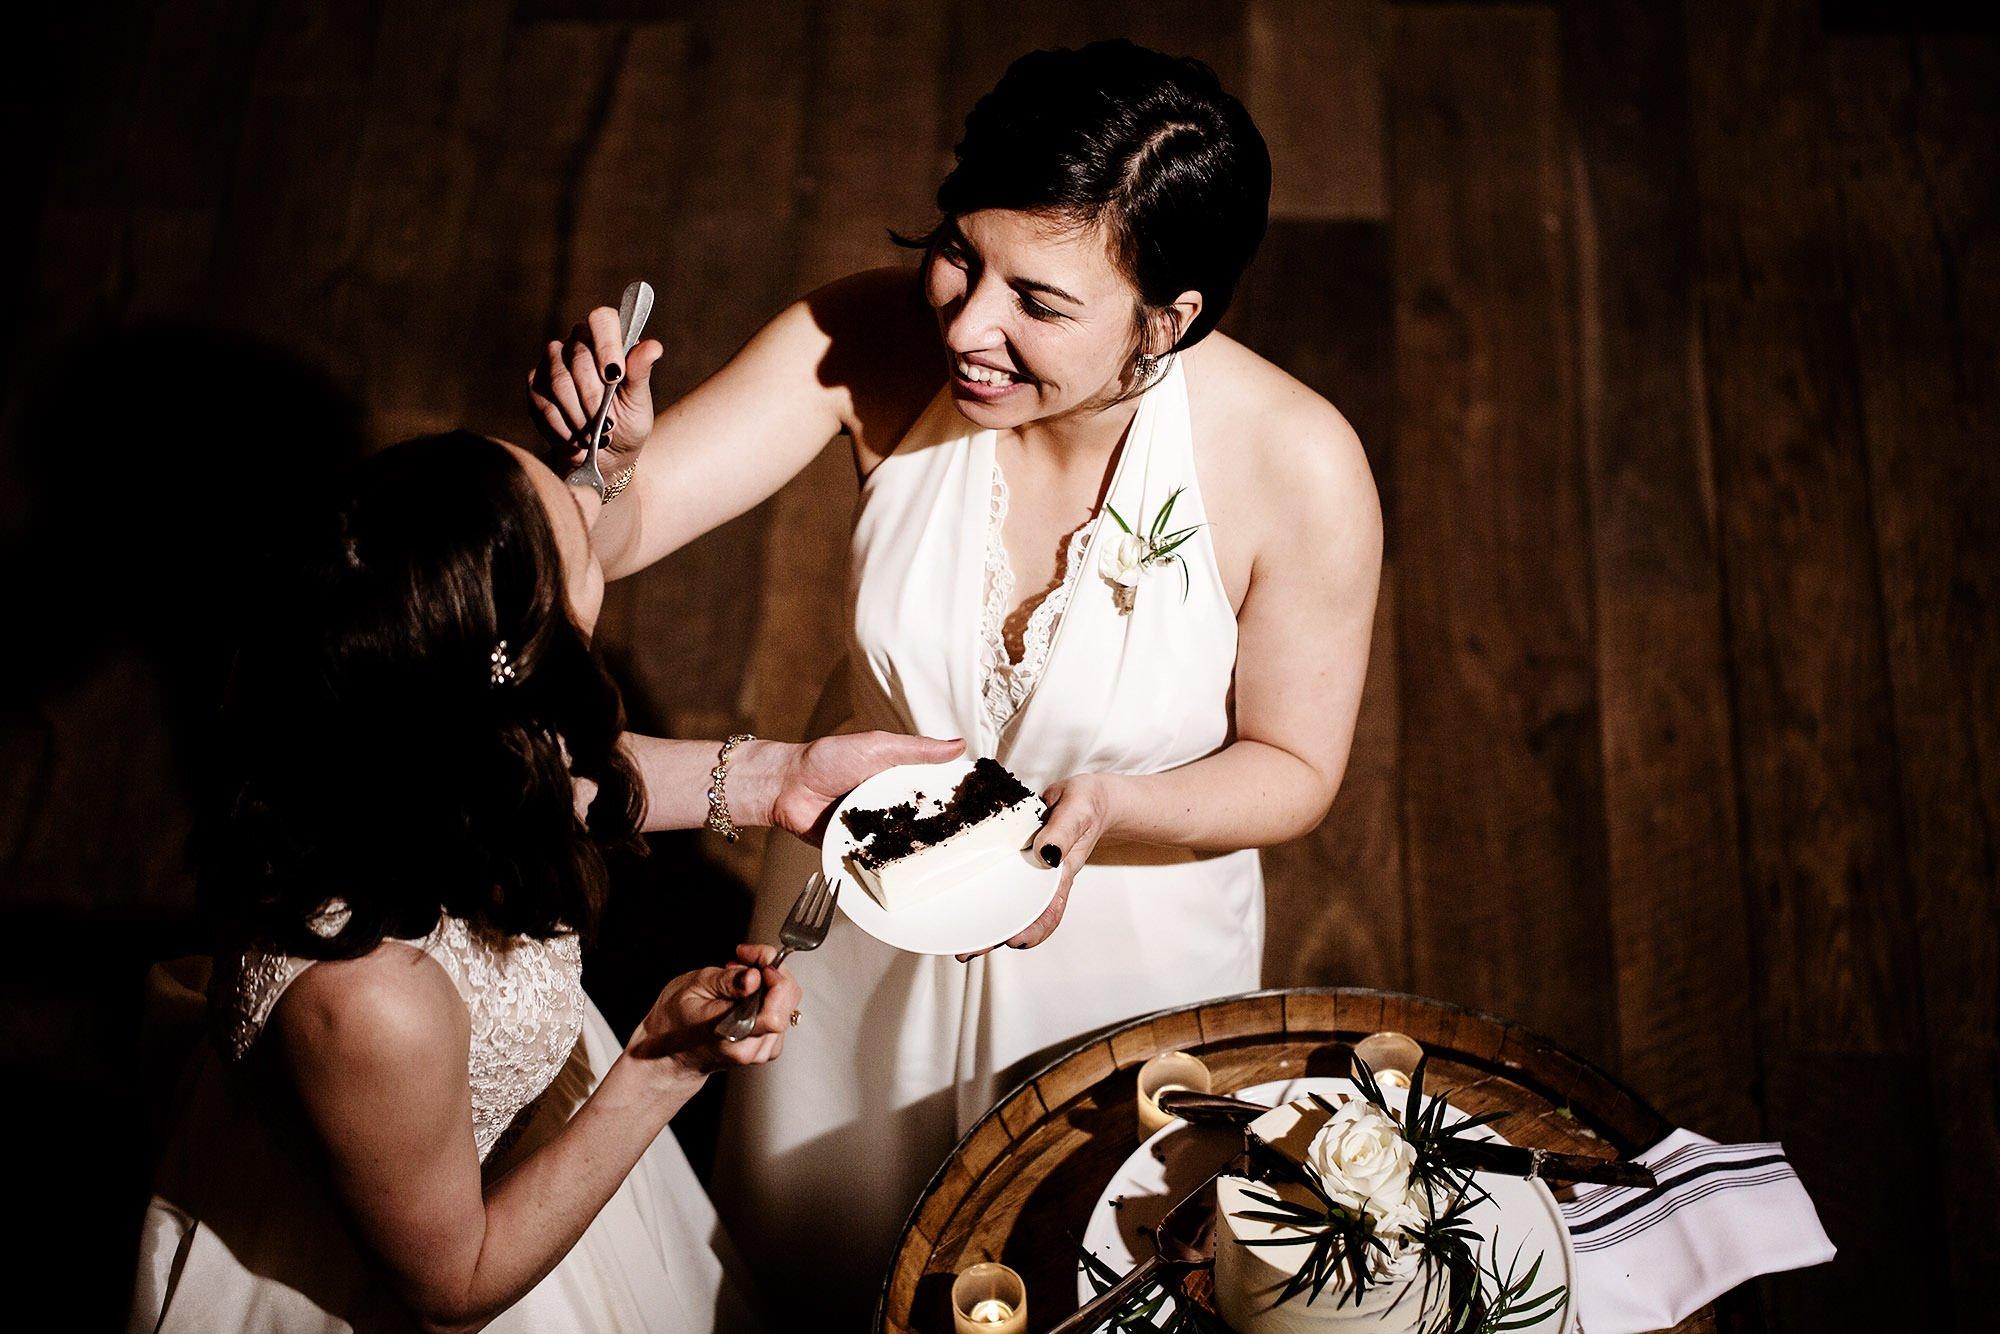 Briar Barn Inn Wedding  I  The brides cut their wedding cake during the wedding reception in Rowley, MA.